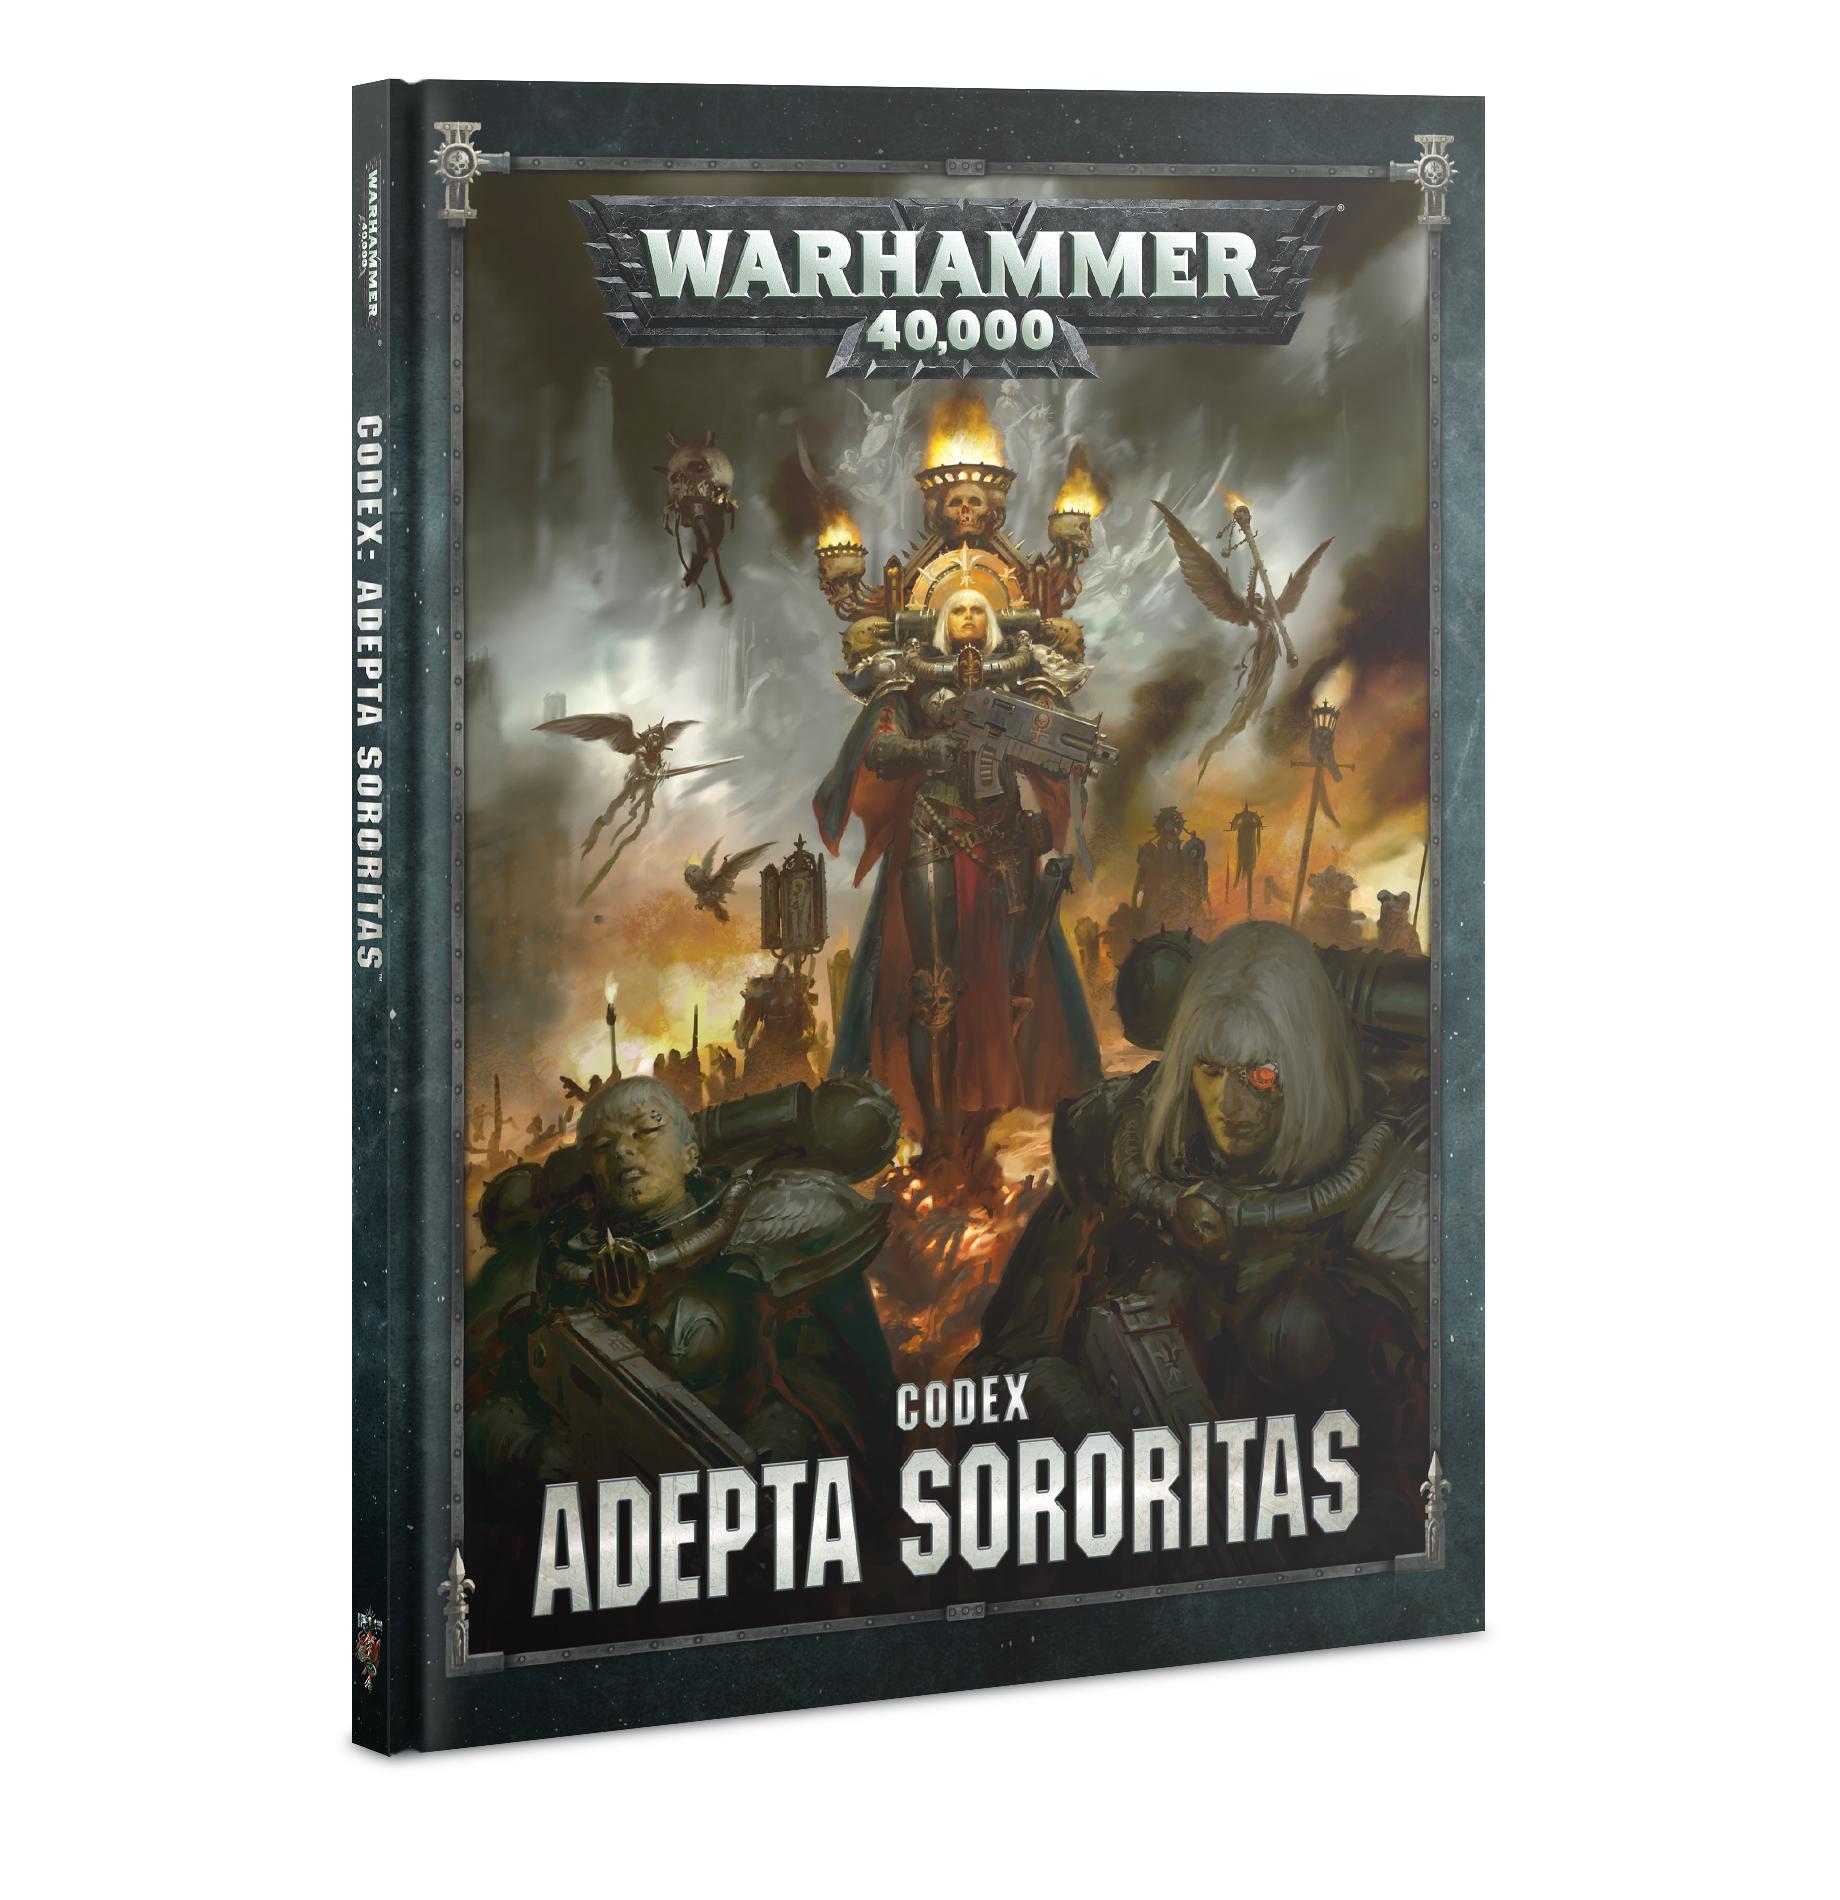 Adepta Sororitas, Codex